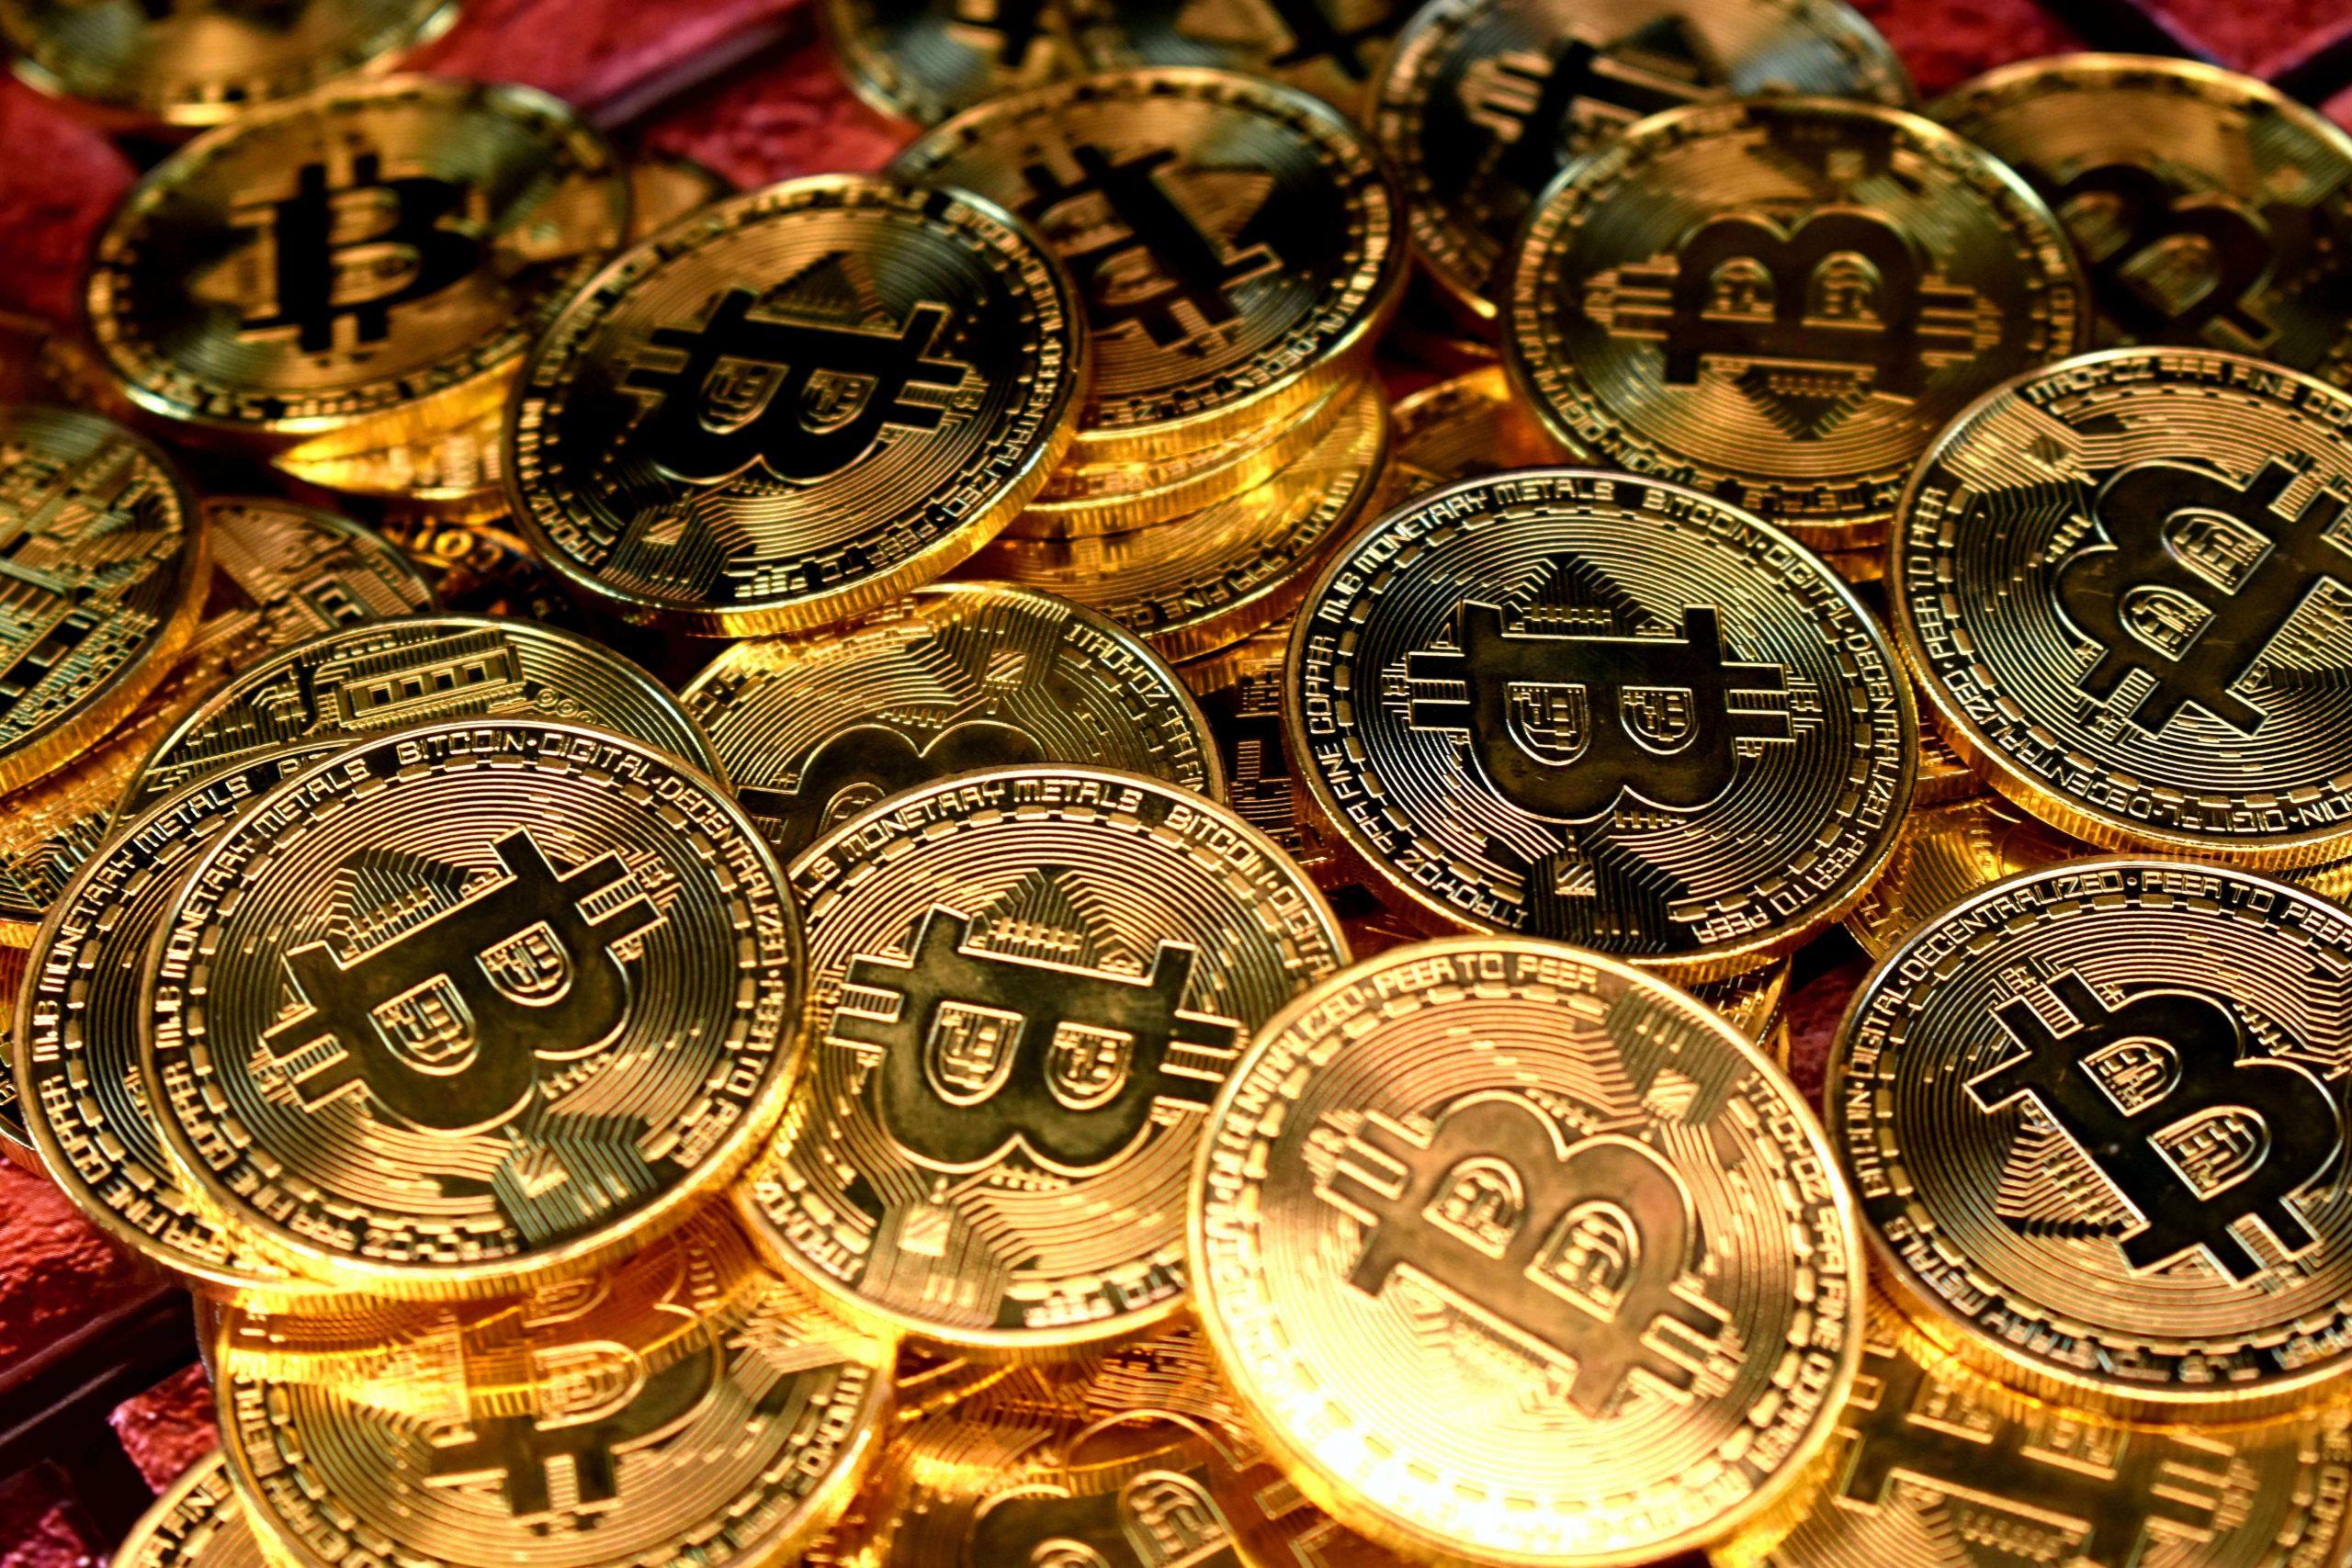 El indicador de inflación de la Fed está aumentando a un máximo de tres décadas, lo que significa que para bitcoin